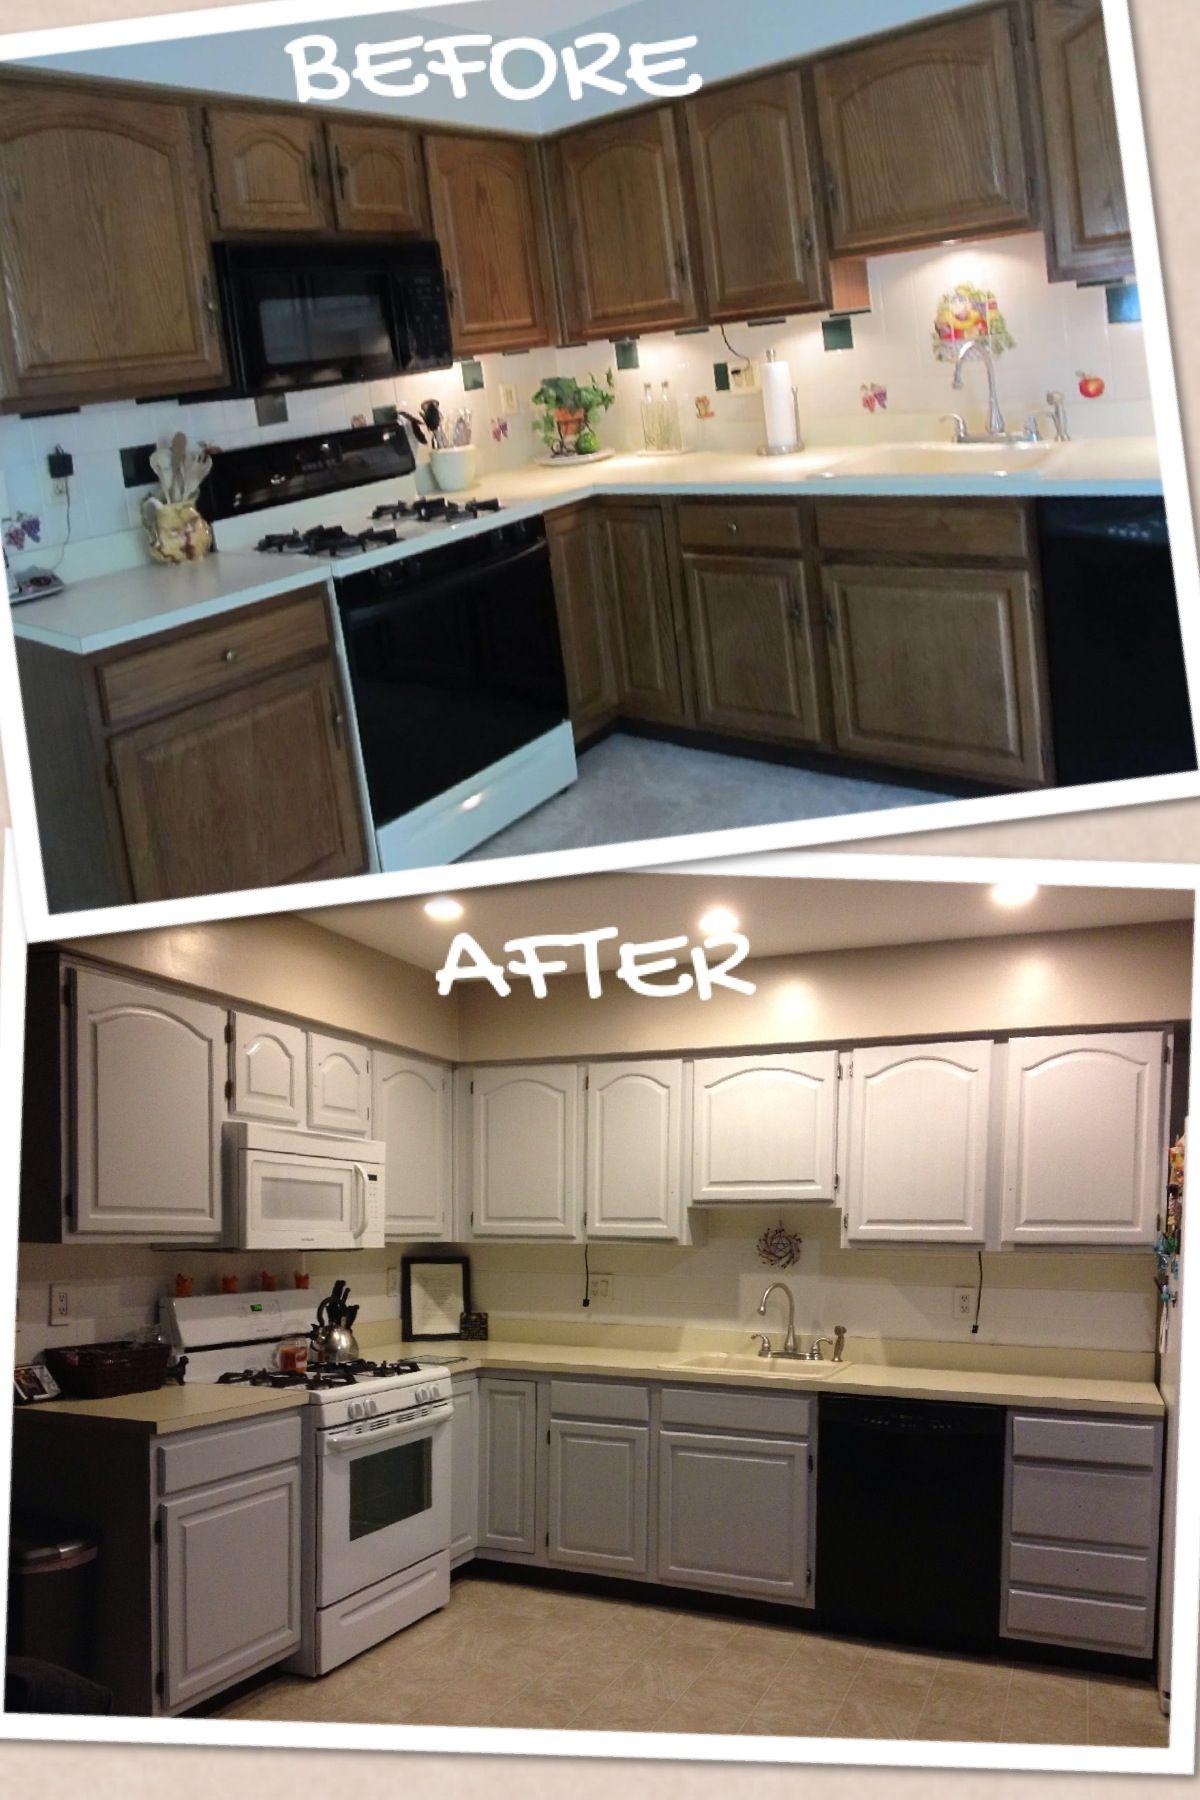 Painted Cabinets And Backsplash Makes A Huge Difference Valspar S Bonding Primer Valspar S Gravi Kitchen Cabinets Refacing Kitchen Cabinets Updated Kitchen